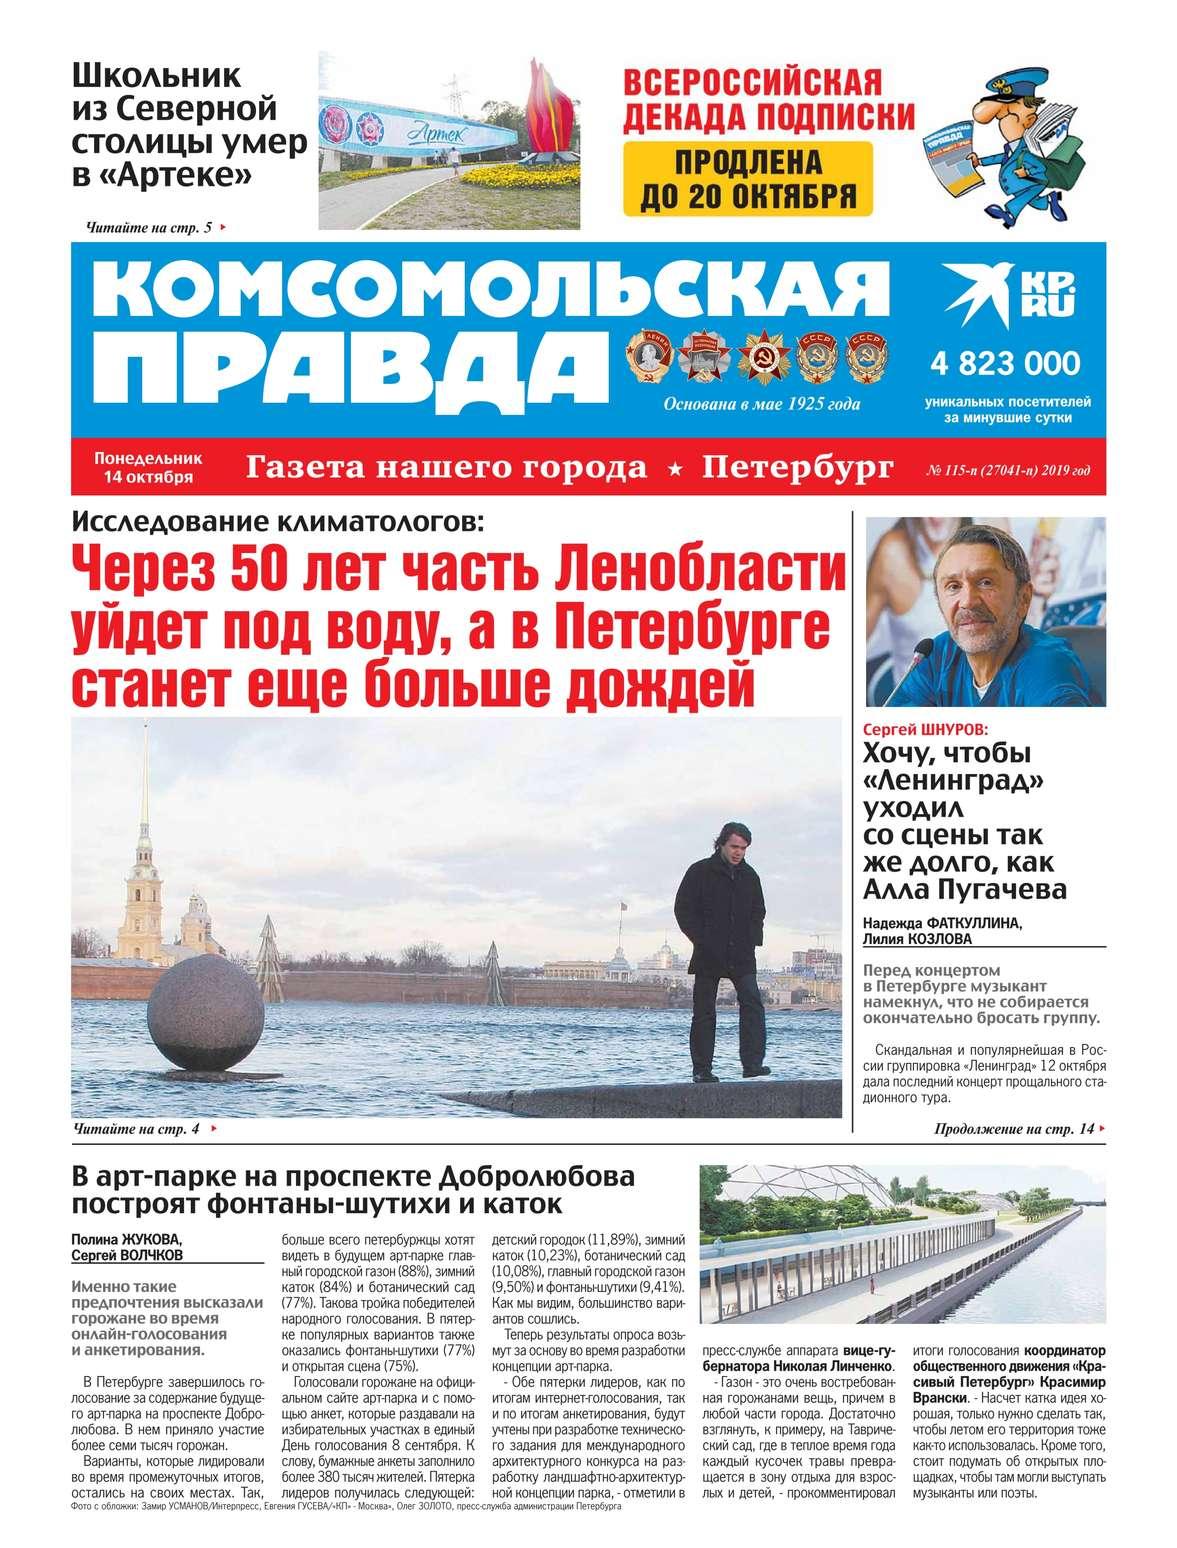 Комсомольская Правда. Санкт-Петербург 115п-2019